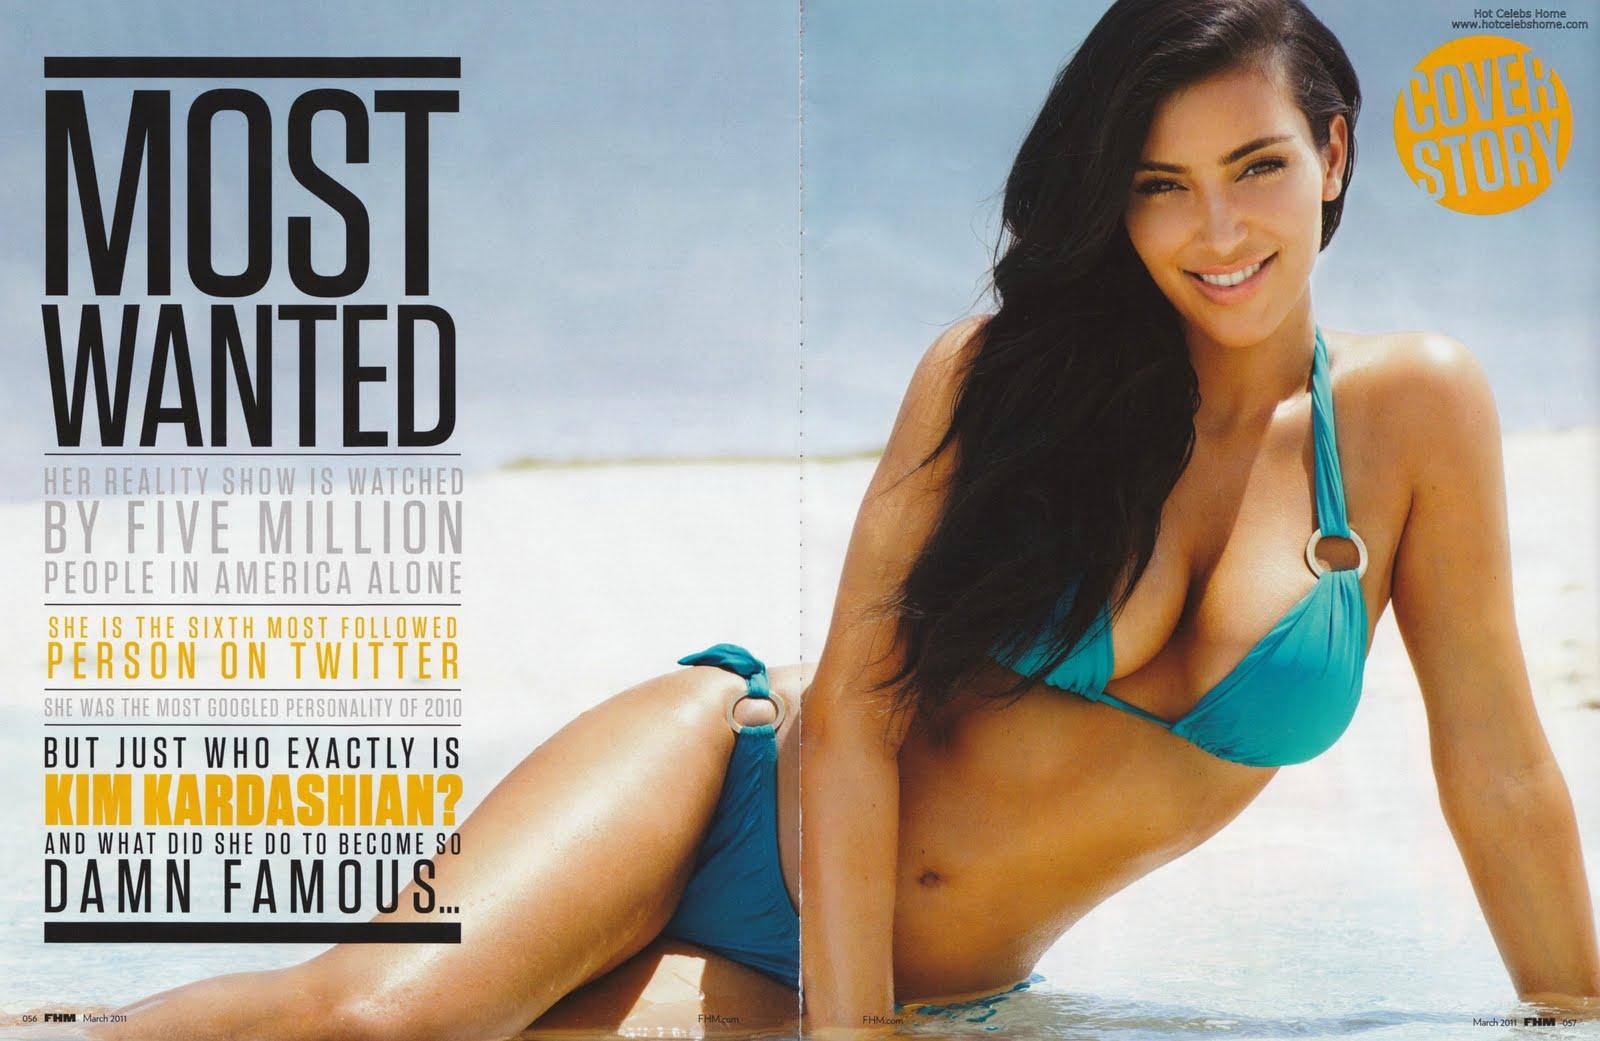 http://1.bp.blogspot.com/_qrmD8jCqKjE/TUmqtL1JAUI/AAAAAAAAPRs/Xvy4g2gFbug/s1600/Kim-Kardashian-Bikini-2011-5.jpg